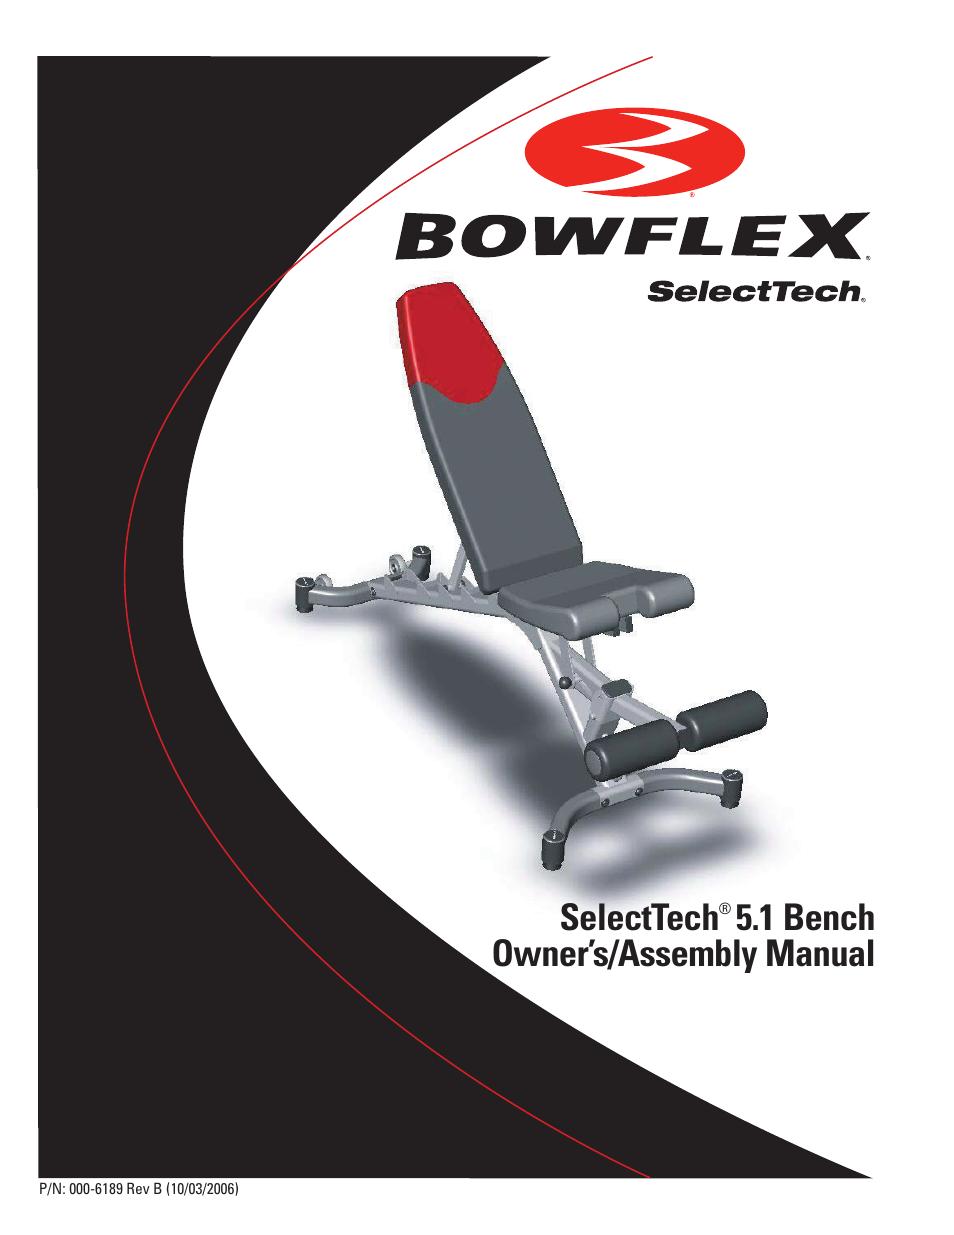 bowflex selecttech 5 1 bench user manual 20 pages rh manualsdir com Bowflex XTL Workout Guide Bowflex Conquest